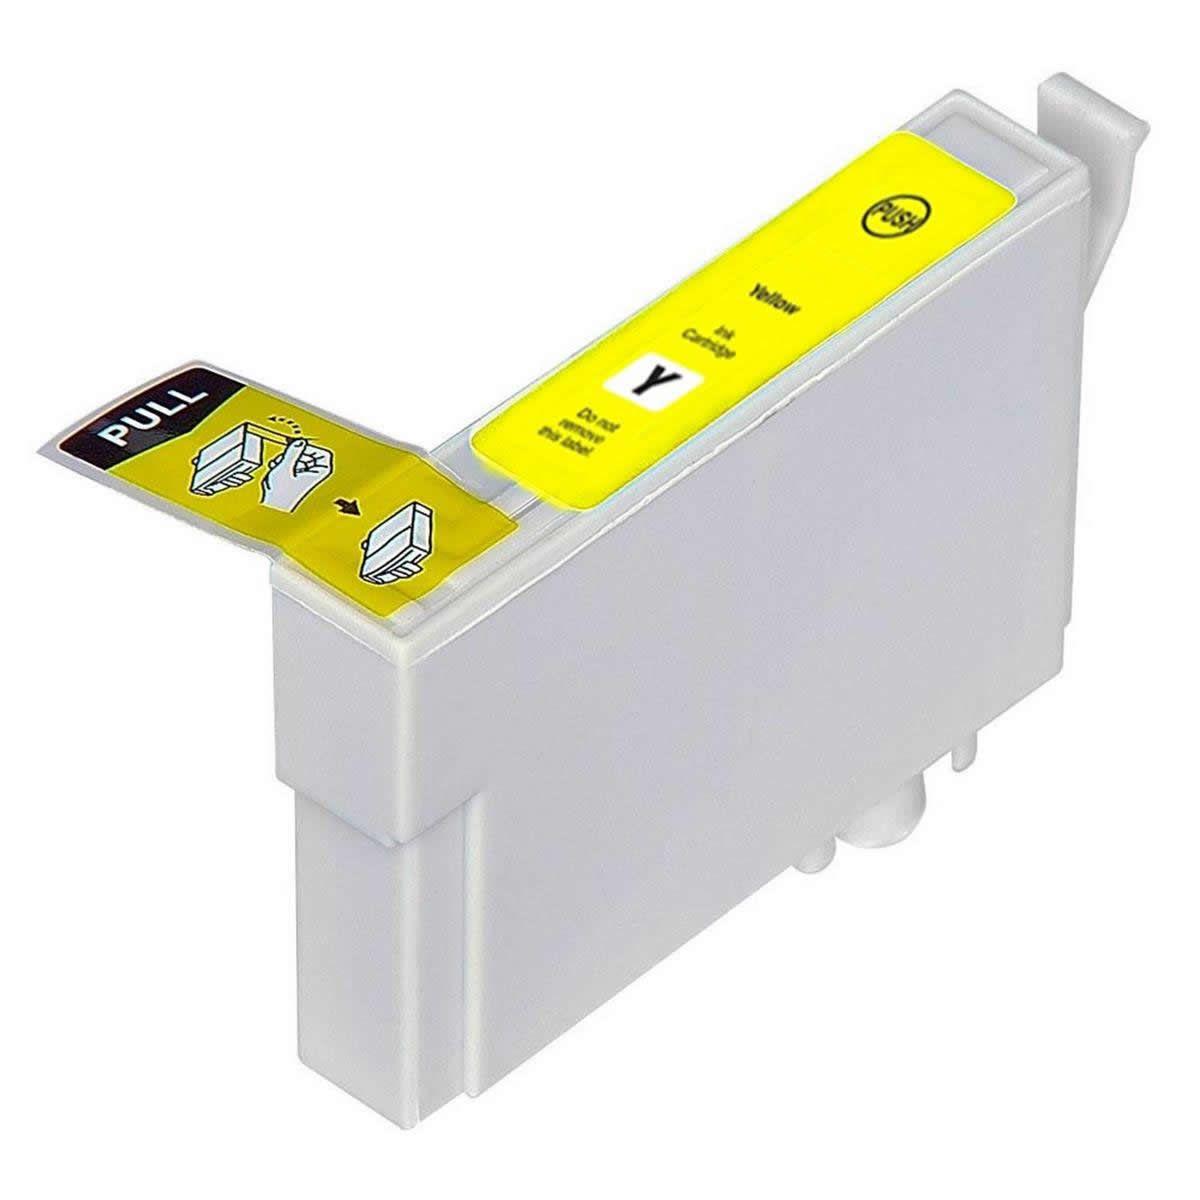 Cartucho MJ Compatível TO824 Amarelo para R270 R290 T50 da EPSON